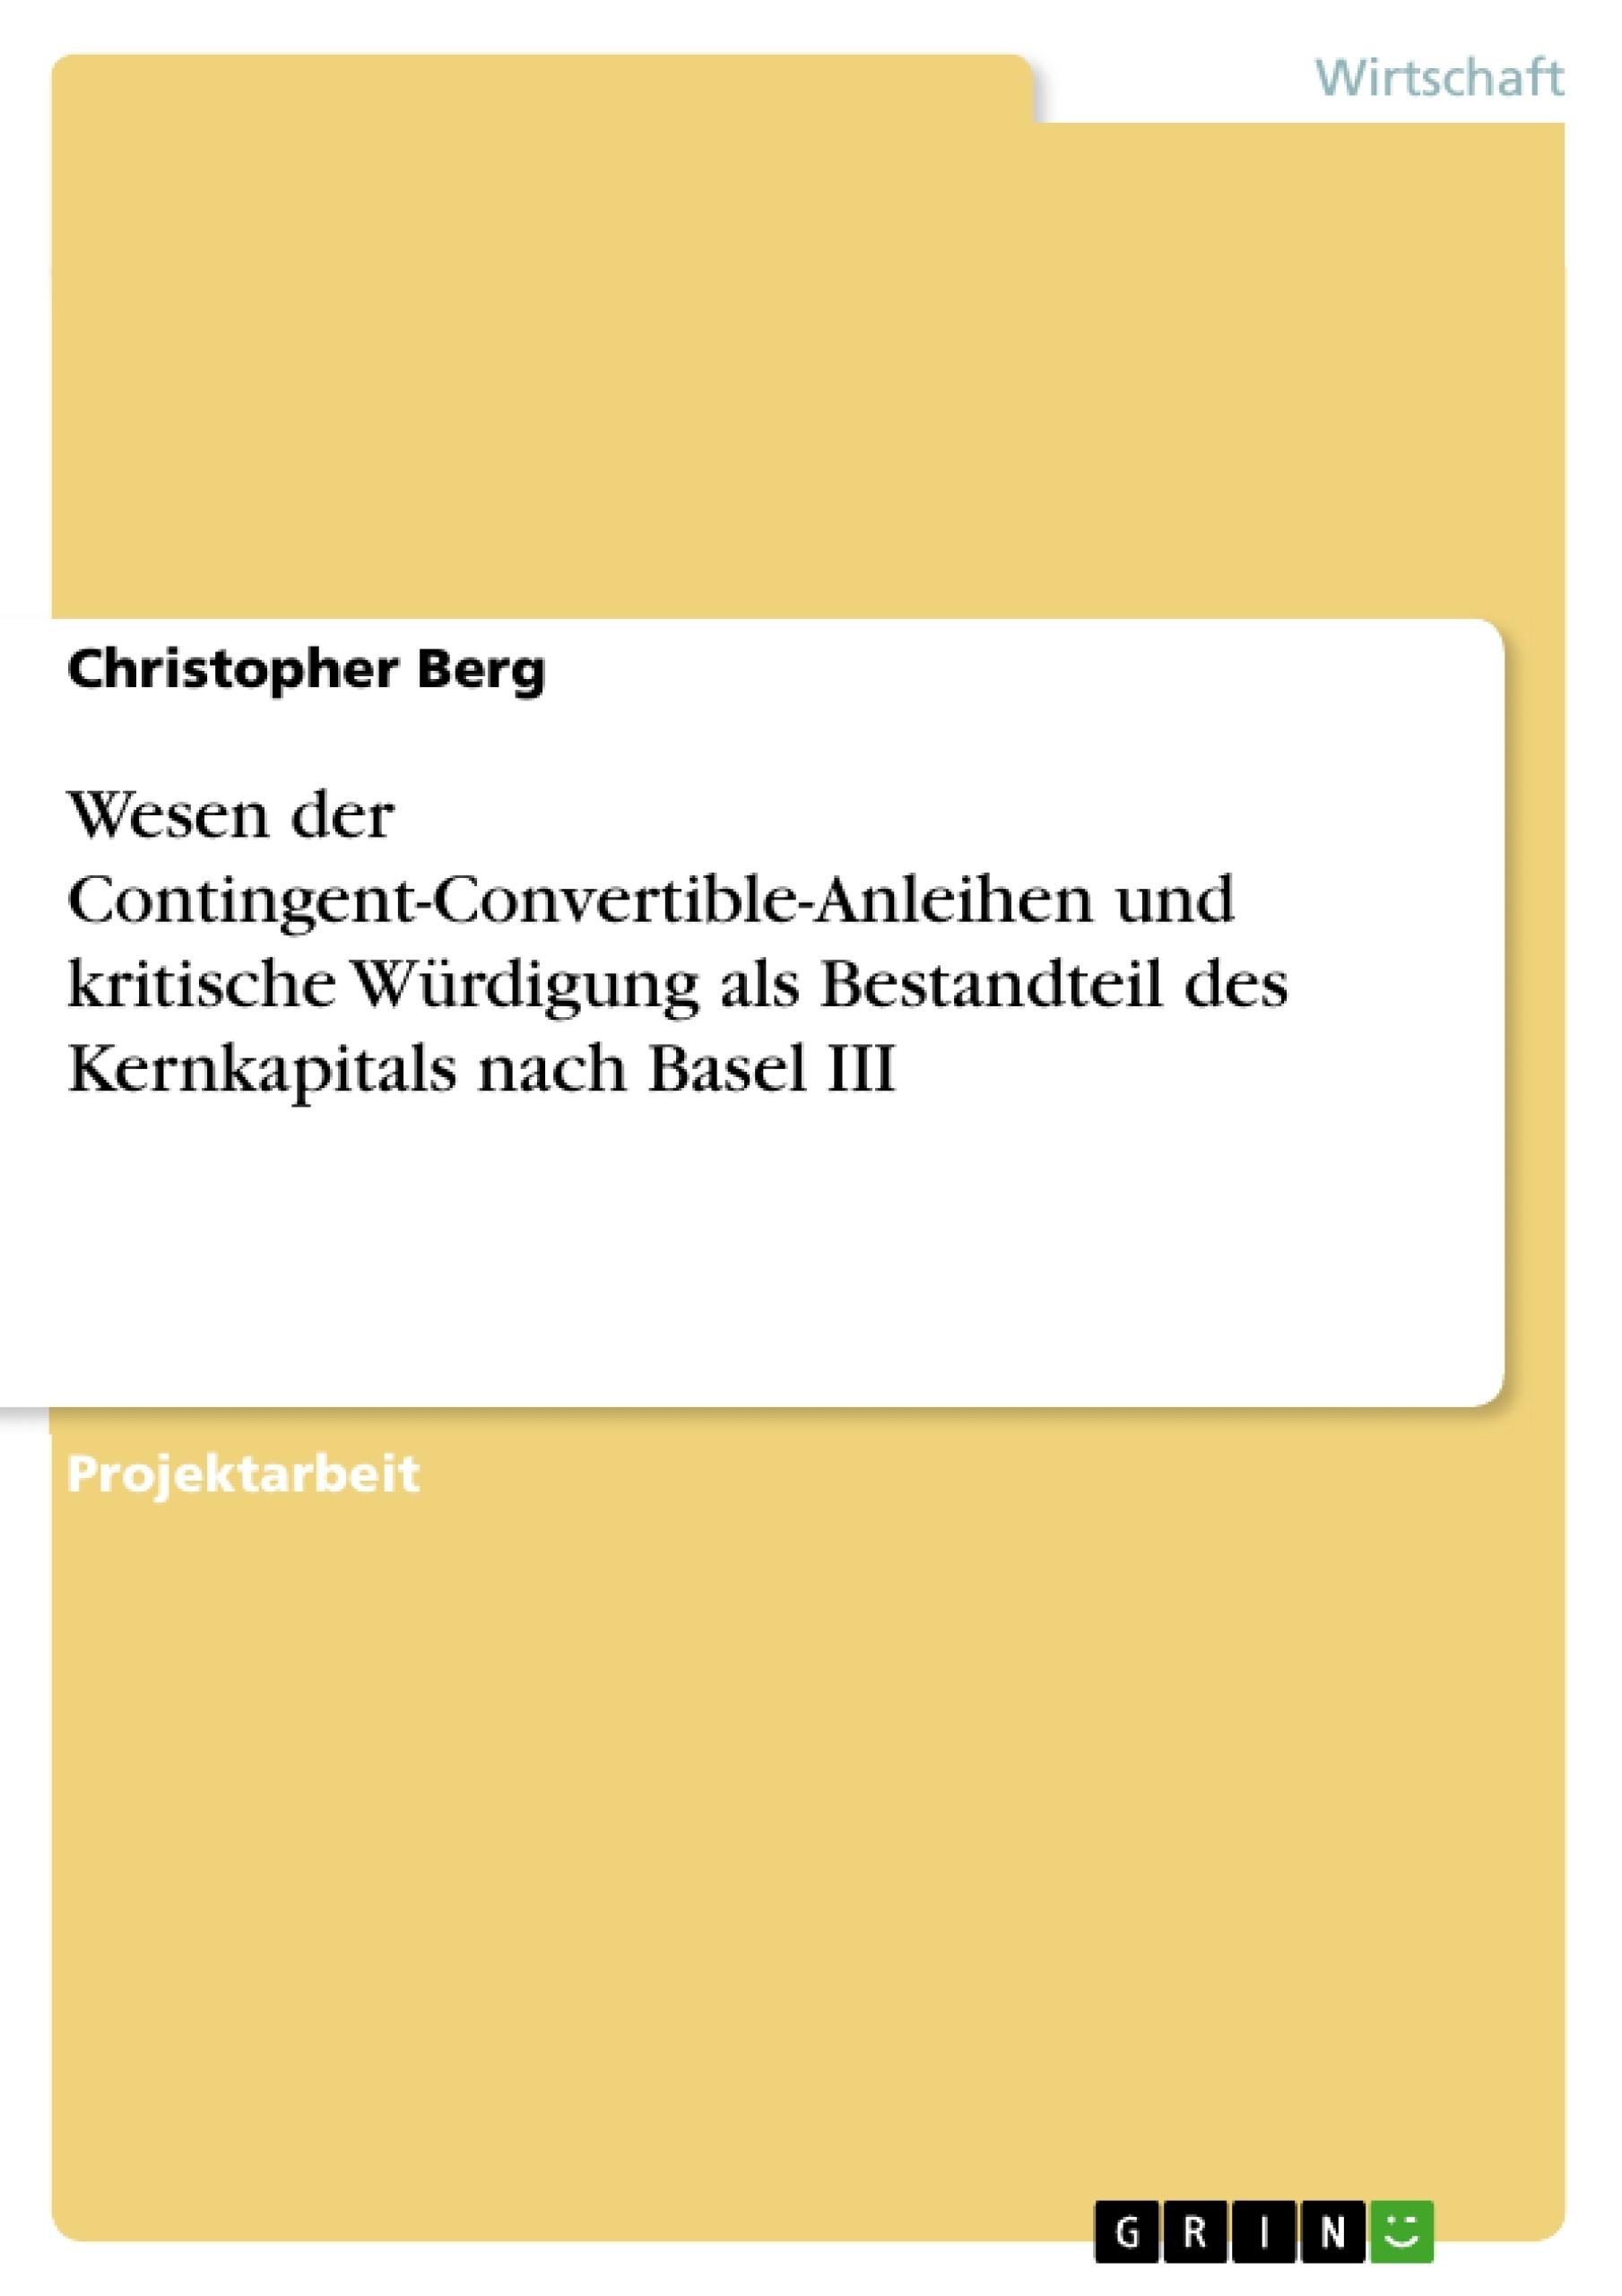 Titel: Wesen der Contingent-Convertible-Anleihen und kritische Würdigung als Bestandteil des Kernkapitals nach Basel III